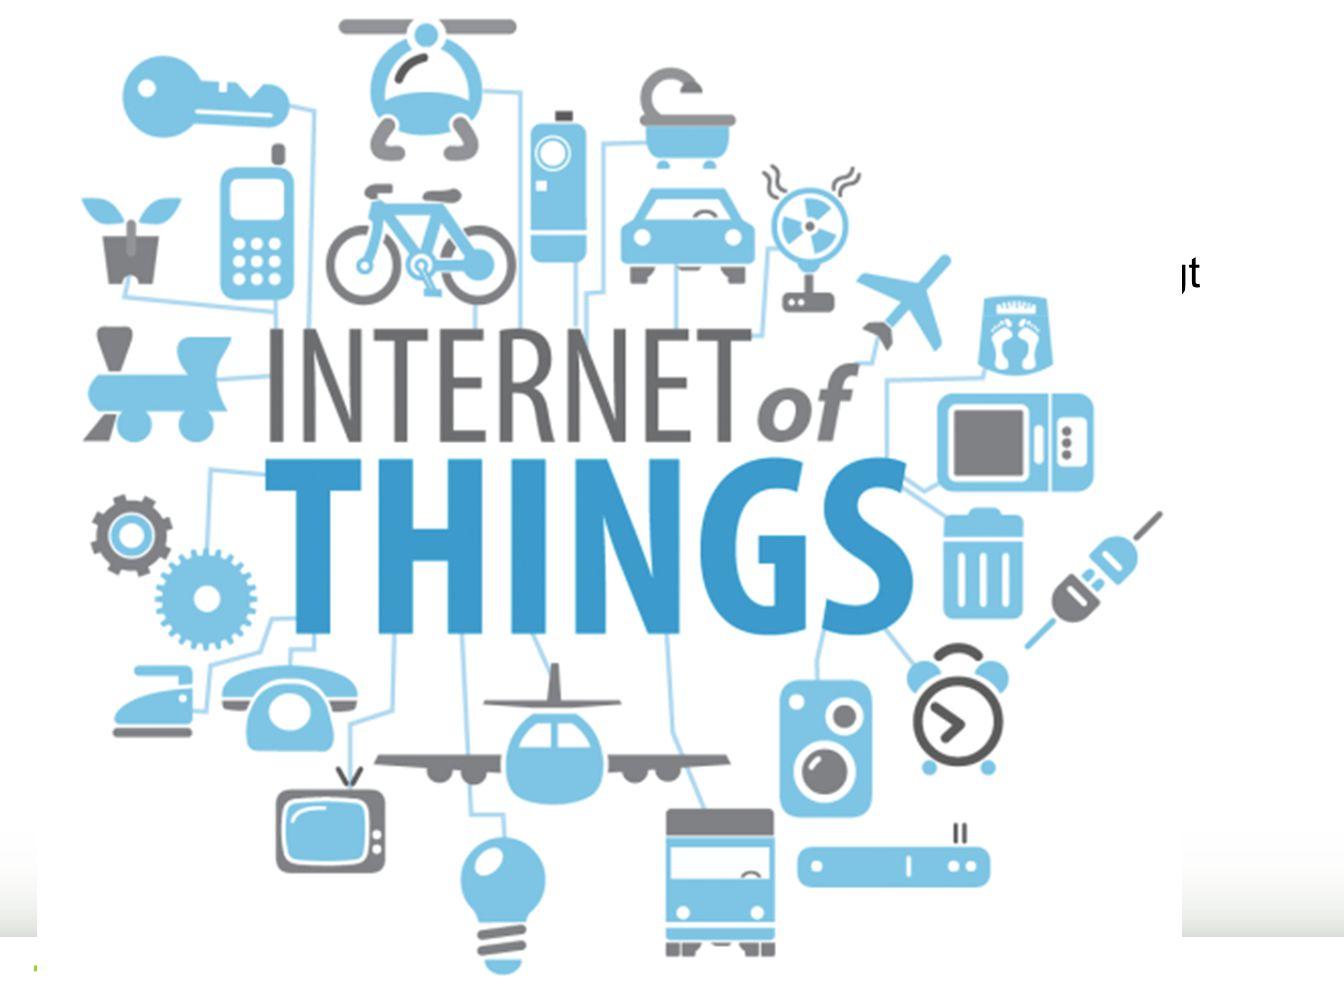 Internet of things.. Teknologien er driveren, standarder og lovverk er langt bak. Skytjenester blir normen.